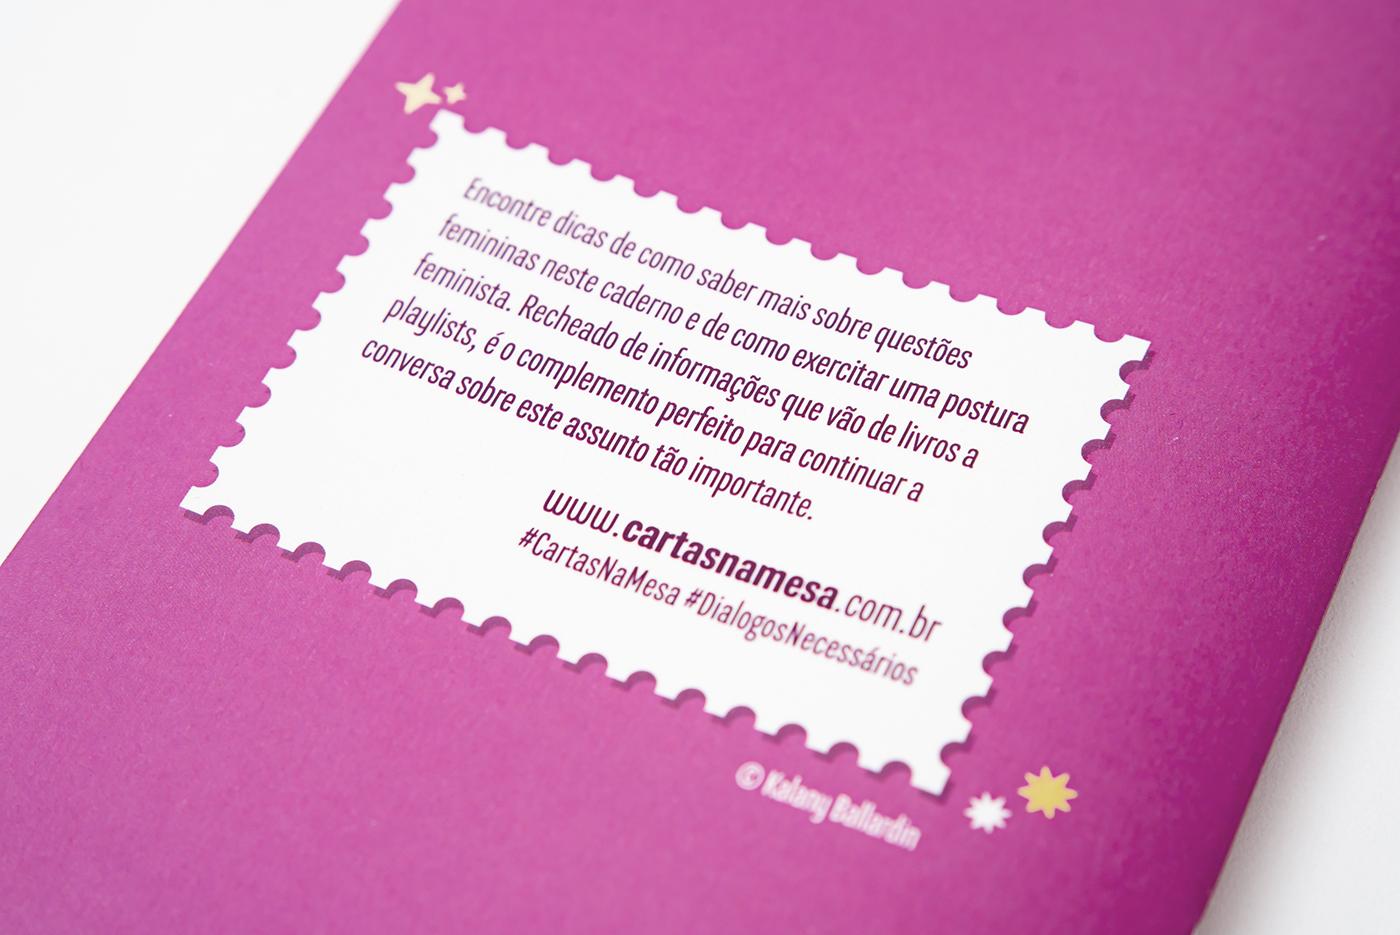 feminism conversation dialogo mulher women empoderamento lettering cardborad game Girl Power colorful